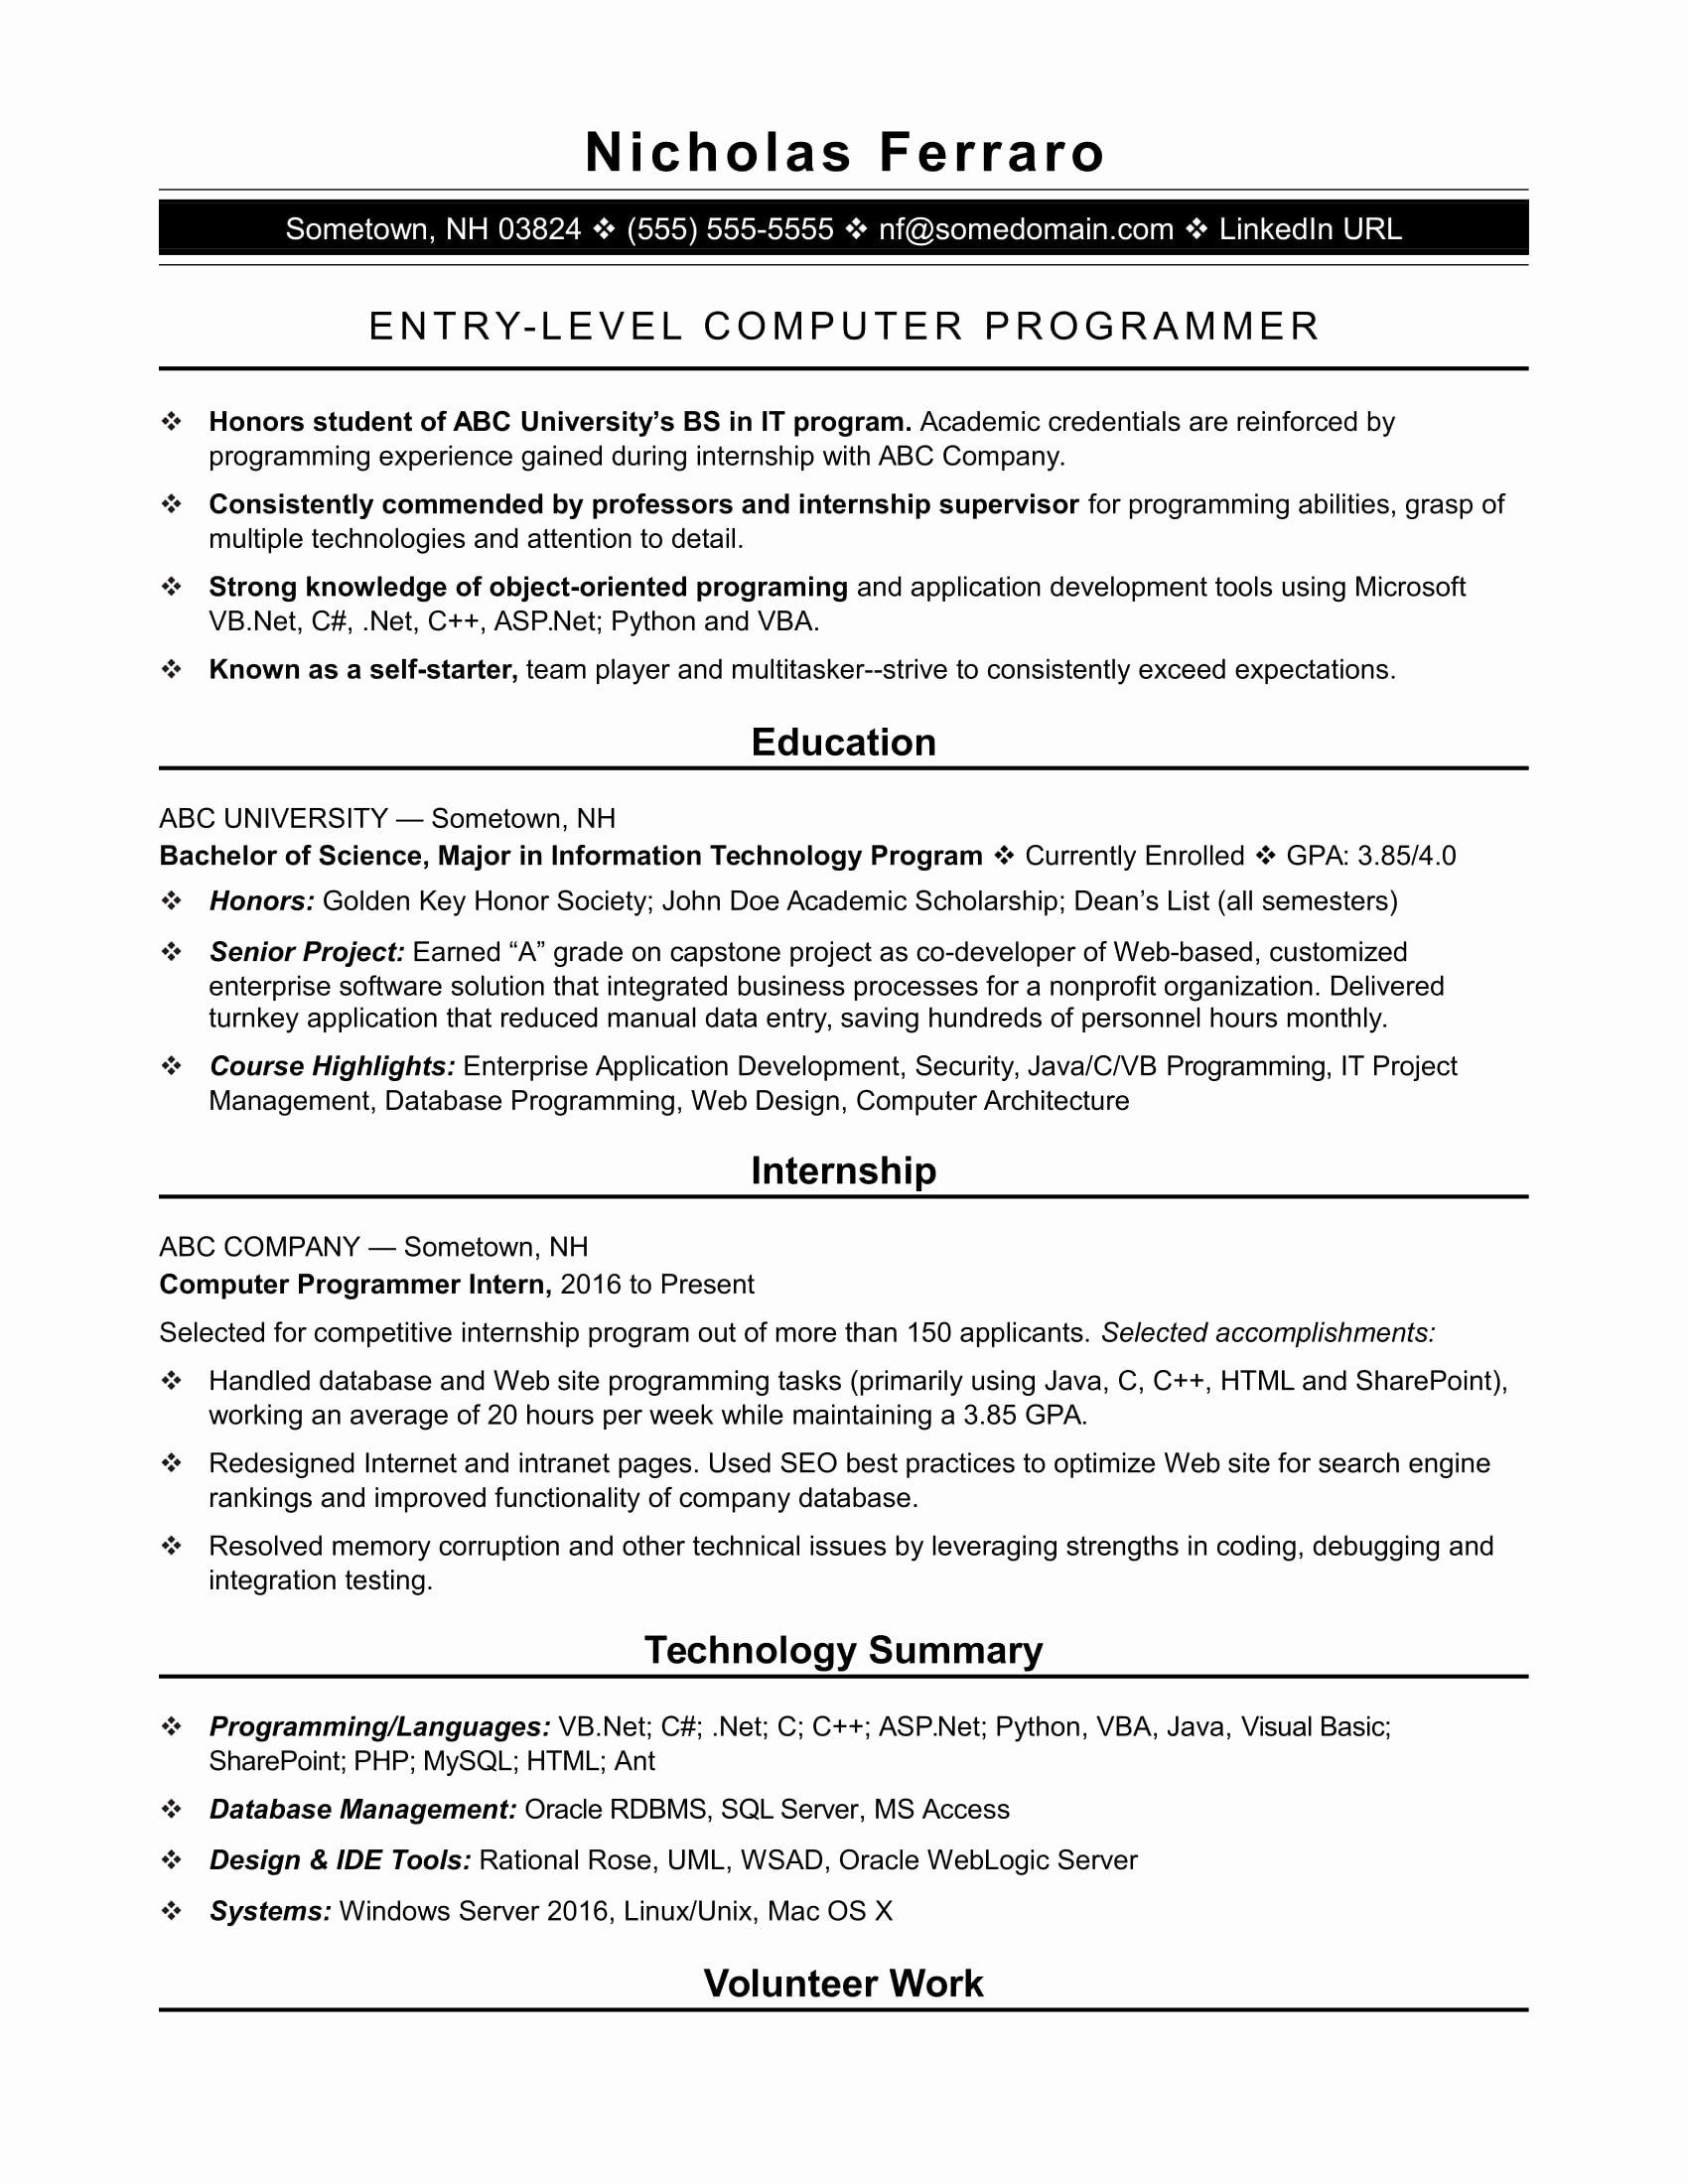 Sample Resume for An Entry Level Puter Programmer